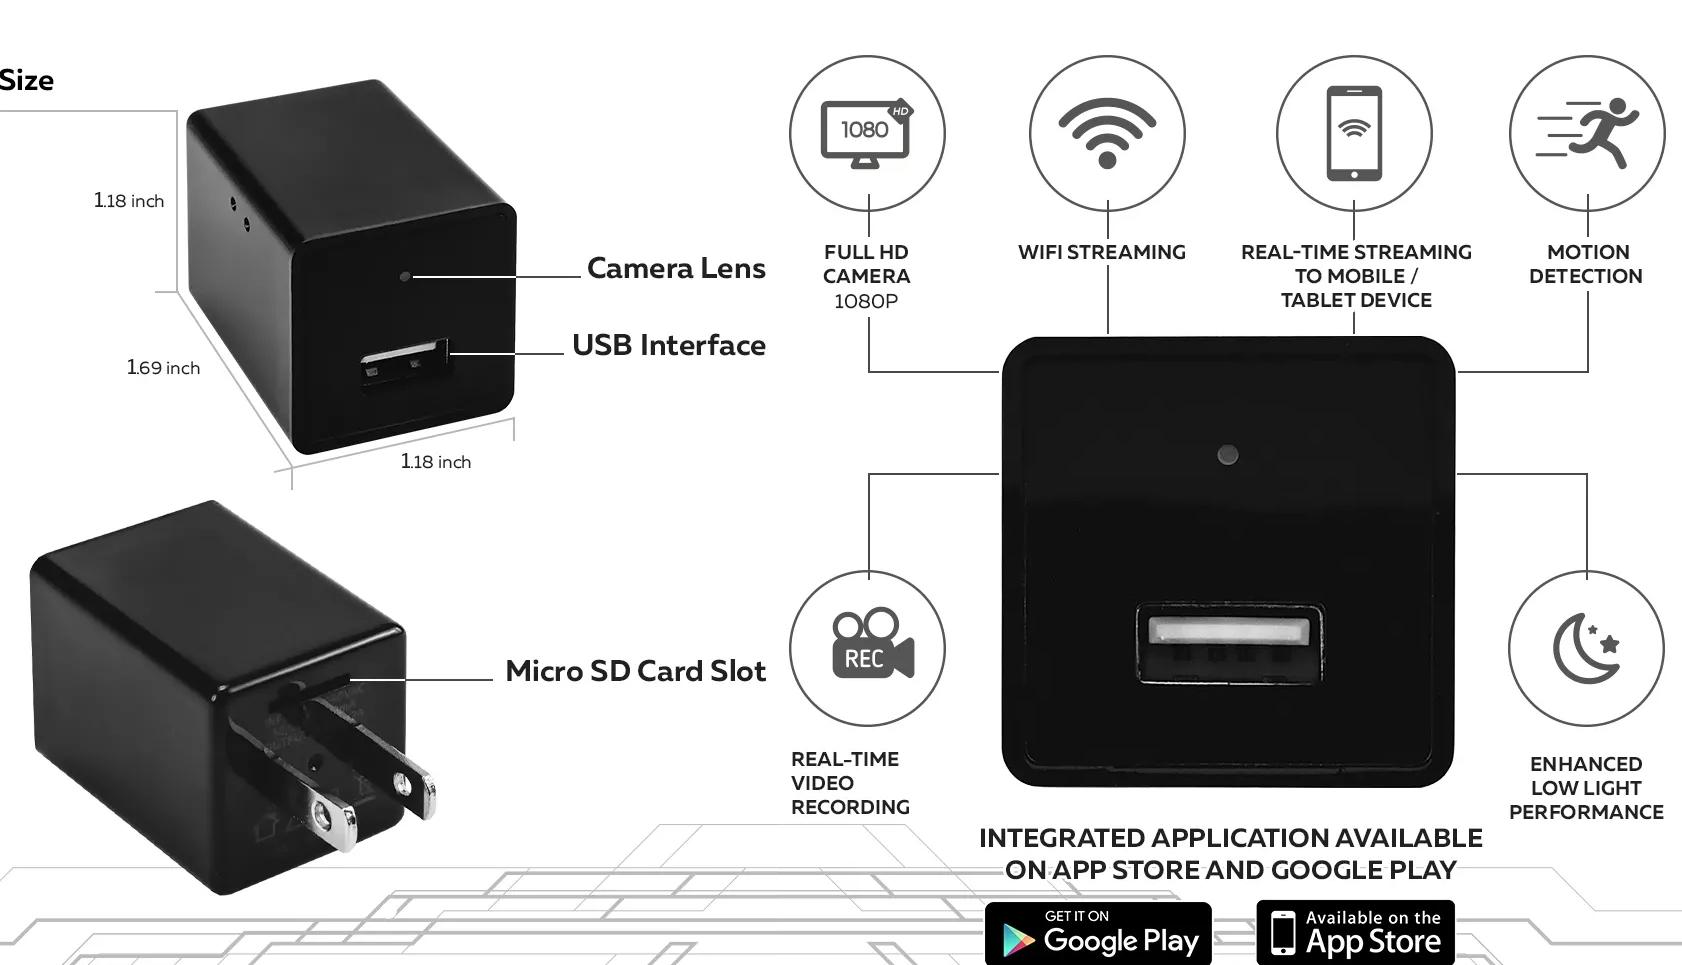 VIDEO: Tajna nadzorna kamera u USB punjaču